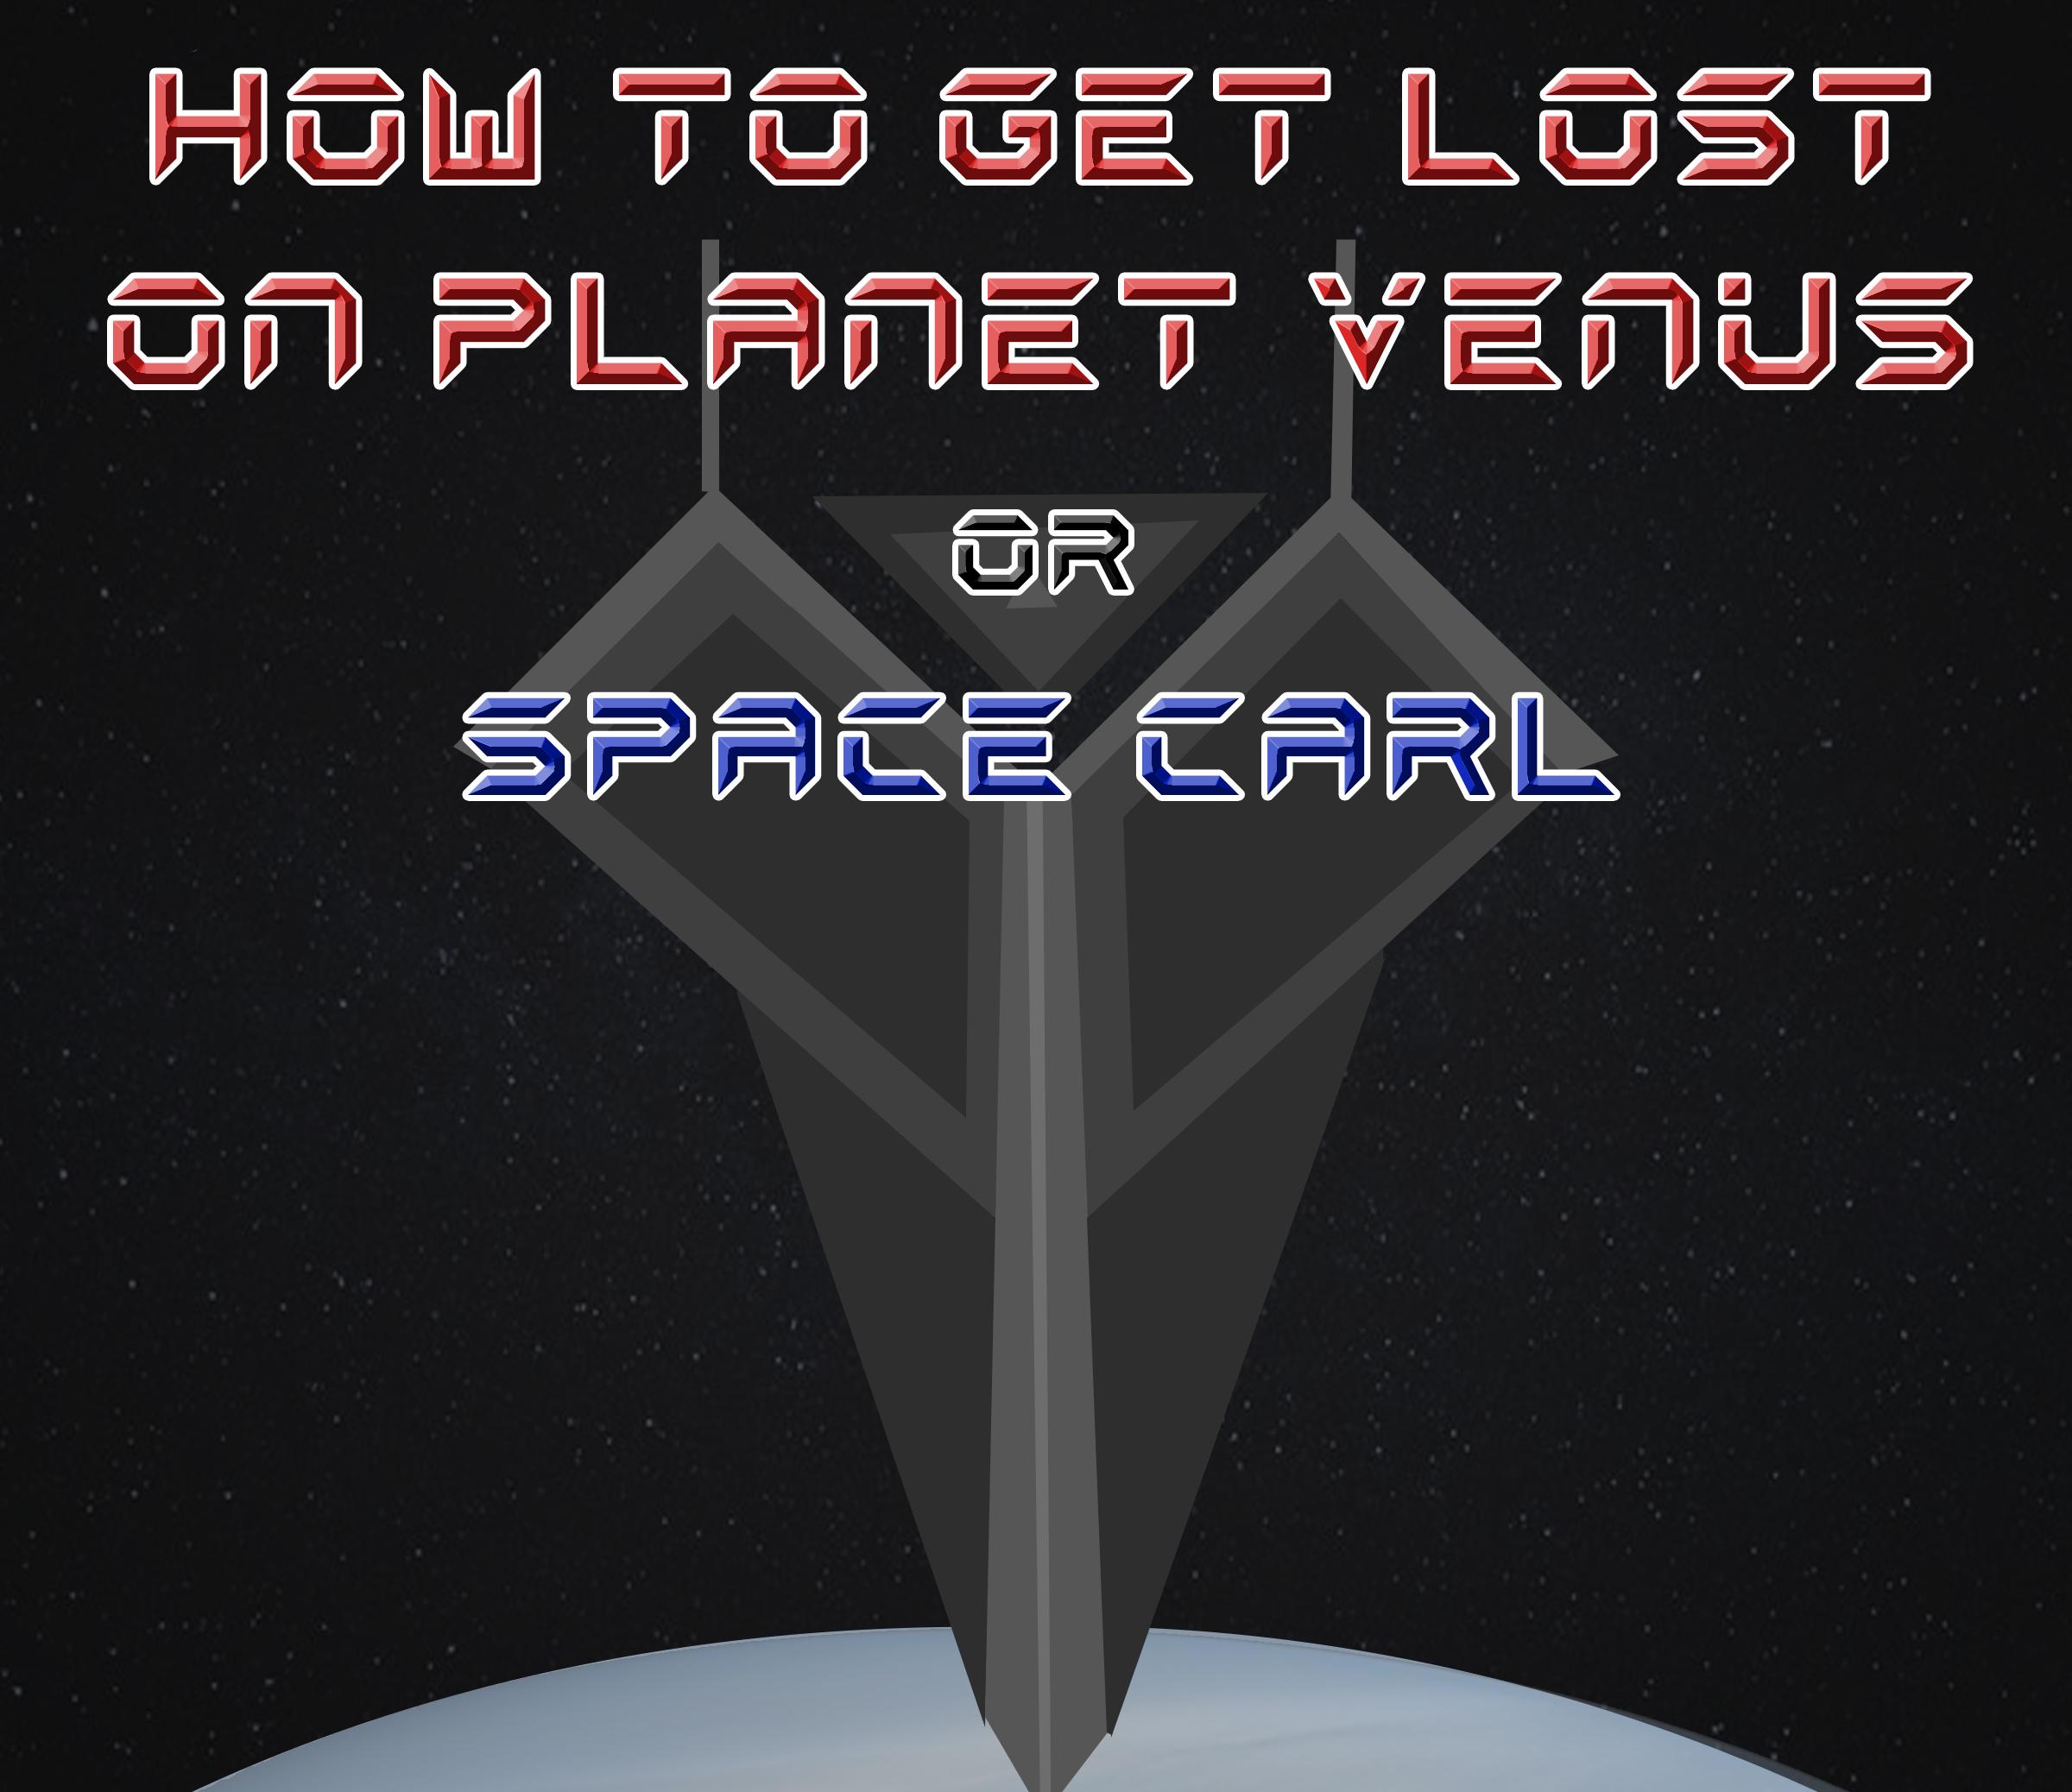 Space Carl copy